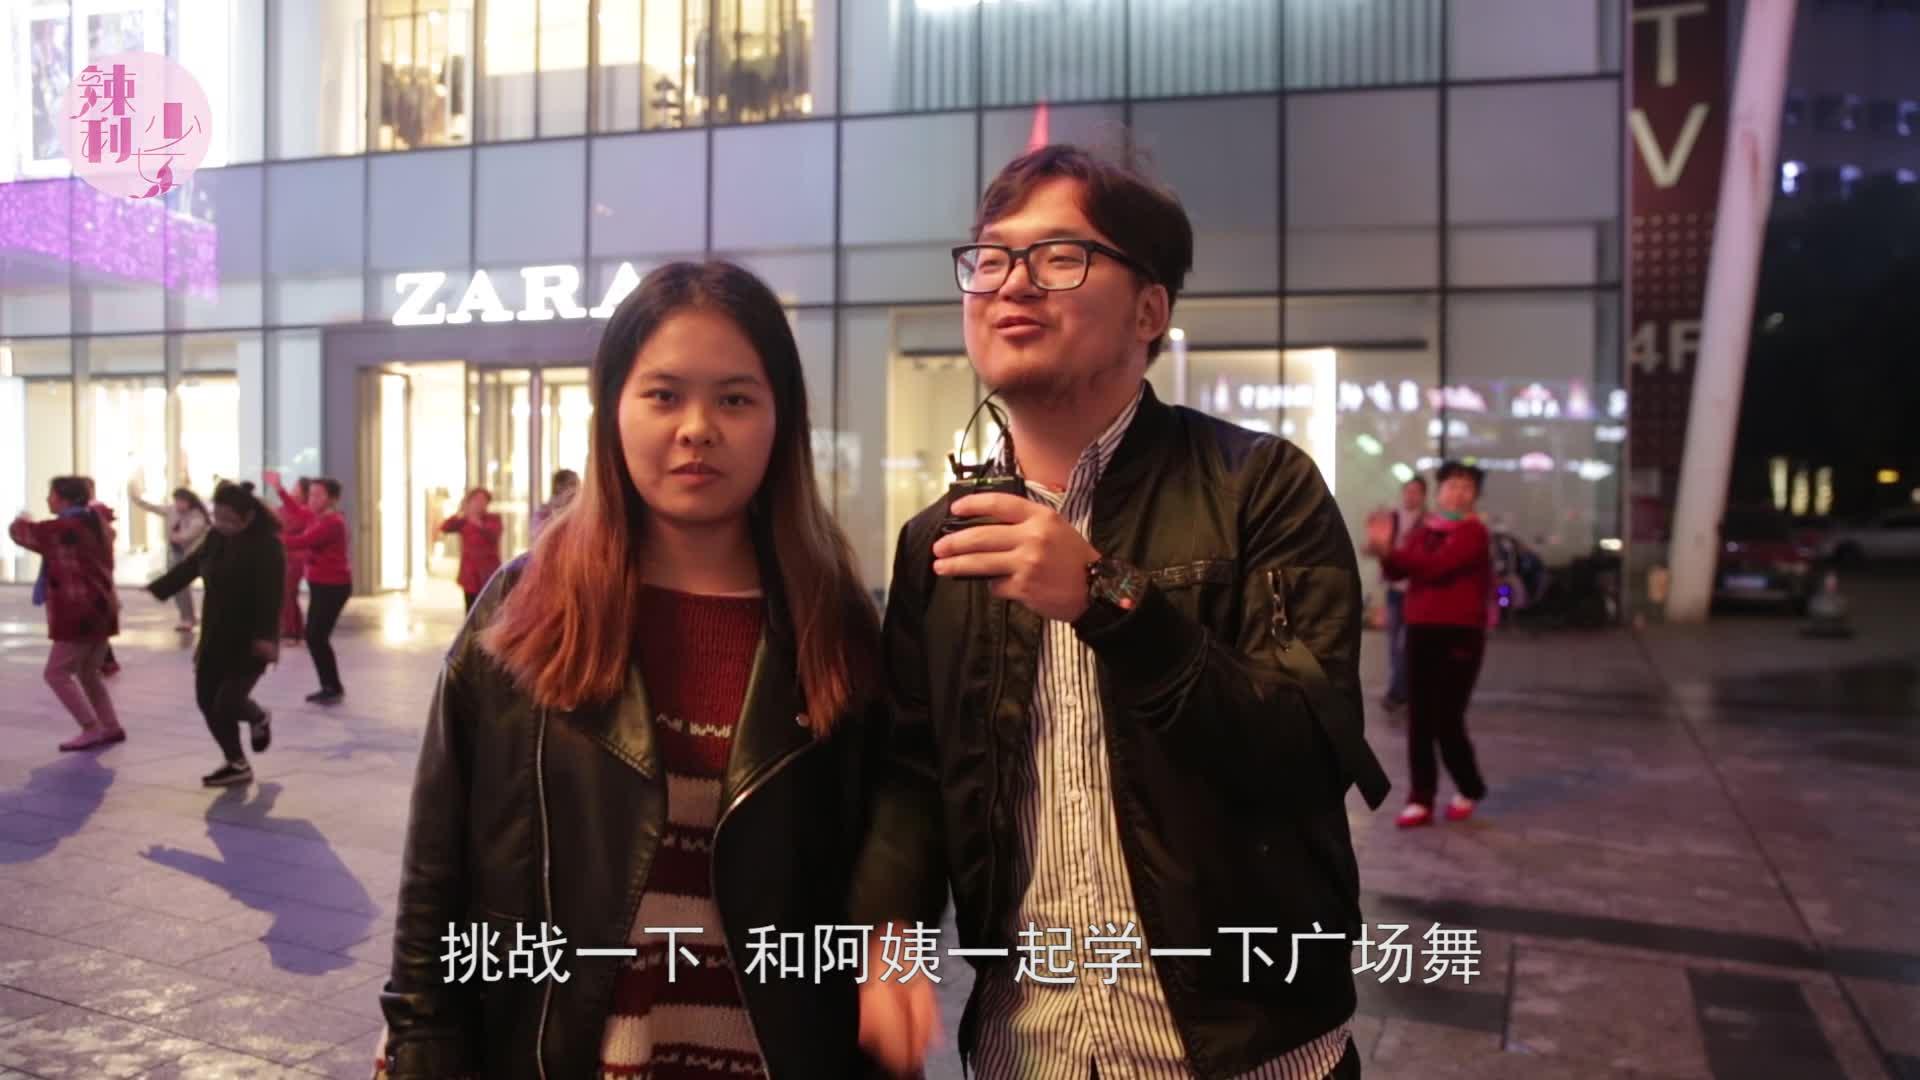 """95后自信Battle广场舞大妈 结果""""还是太年轻""""丨辣利少女"""